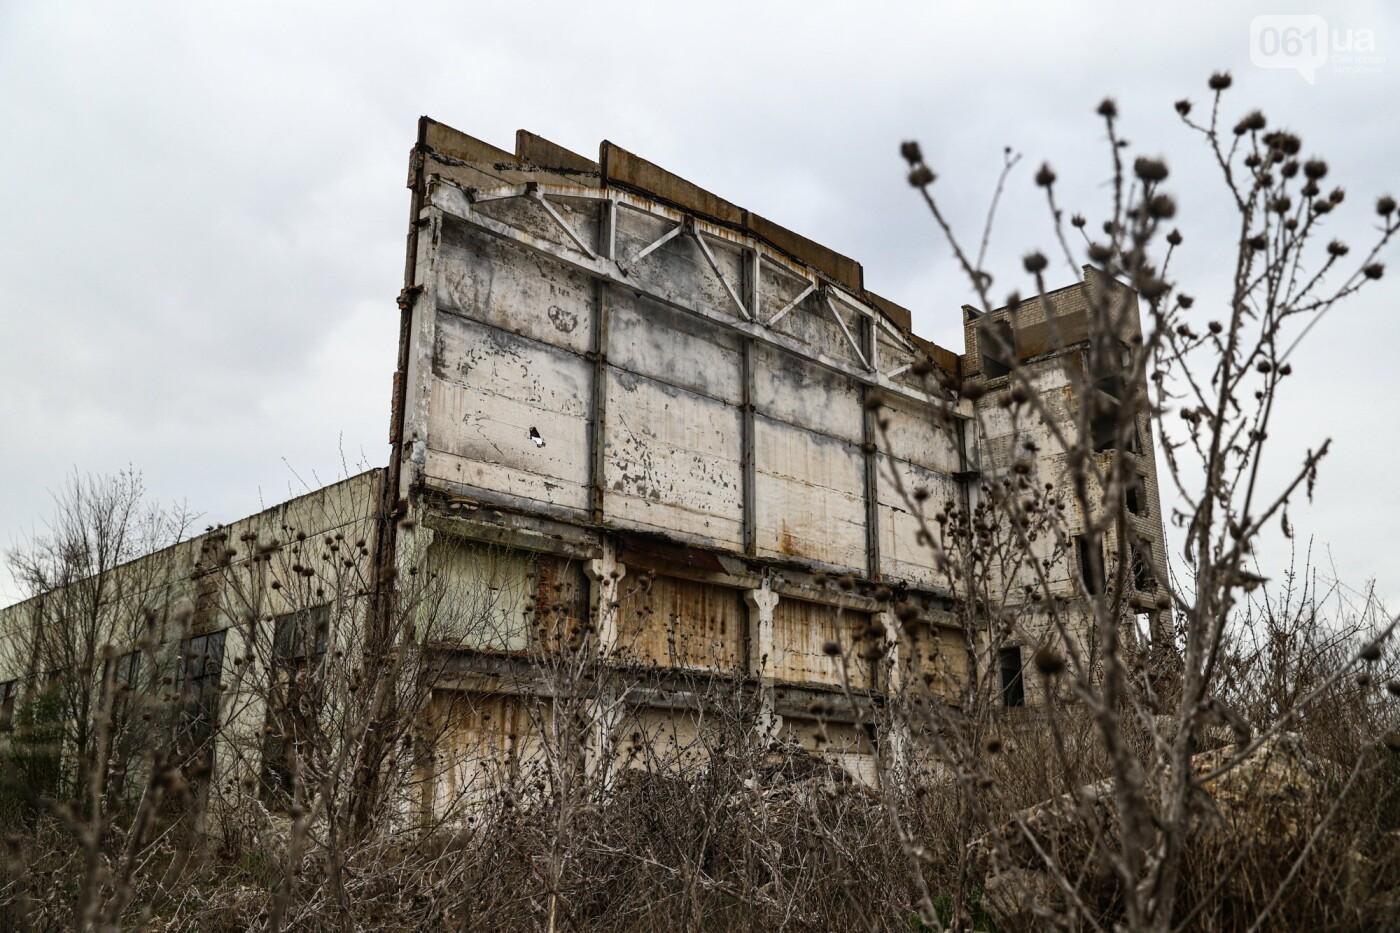 В Степногорске пытаются разобрать на металлолом шахту - промплощадка ГОКа превратилась в руины, - ФОТОРЕПОРТАЖ , фото-31